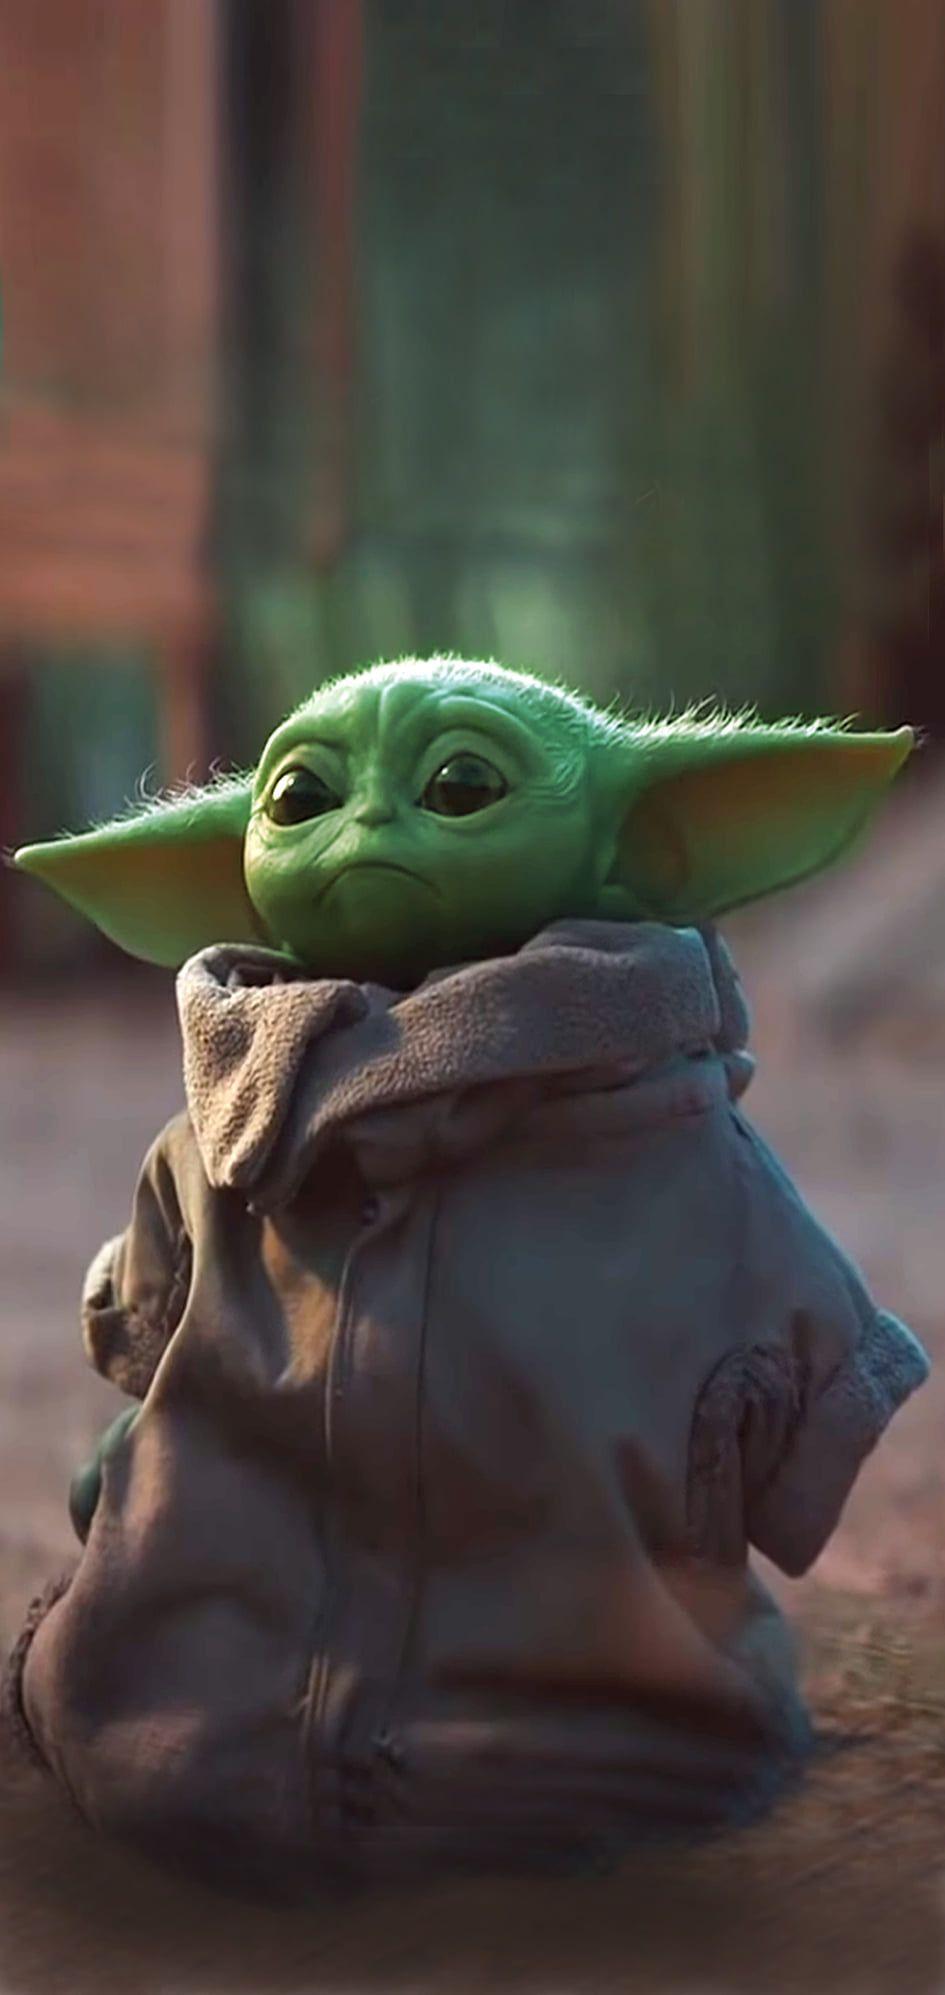 Baby Yoda Mobile Wallpaper Yoda Images Yoda Wallpaper Yoda Gif